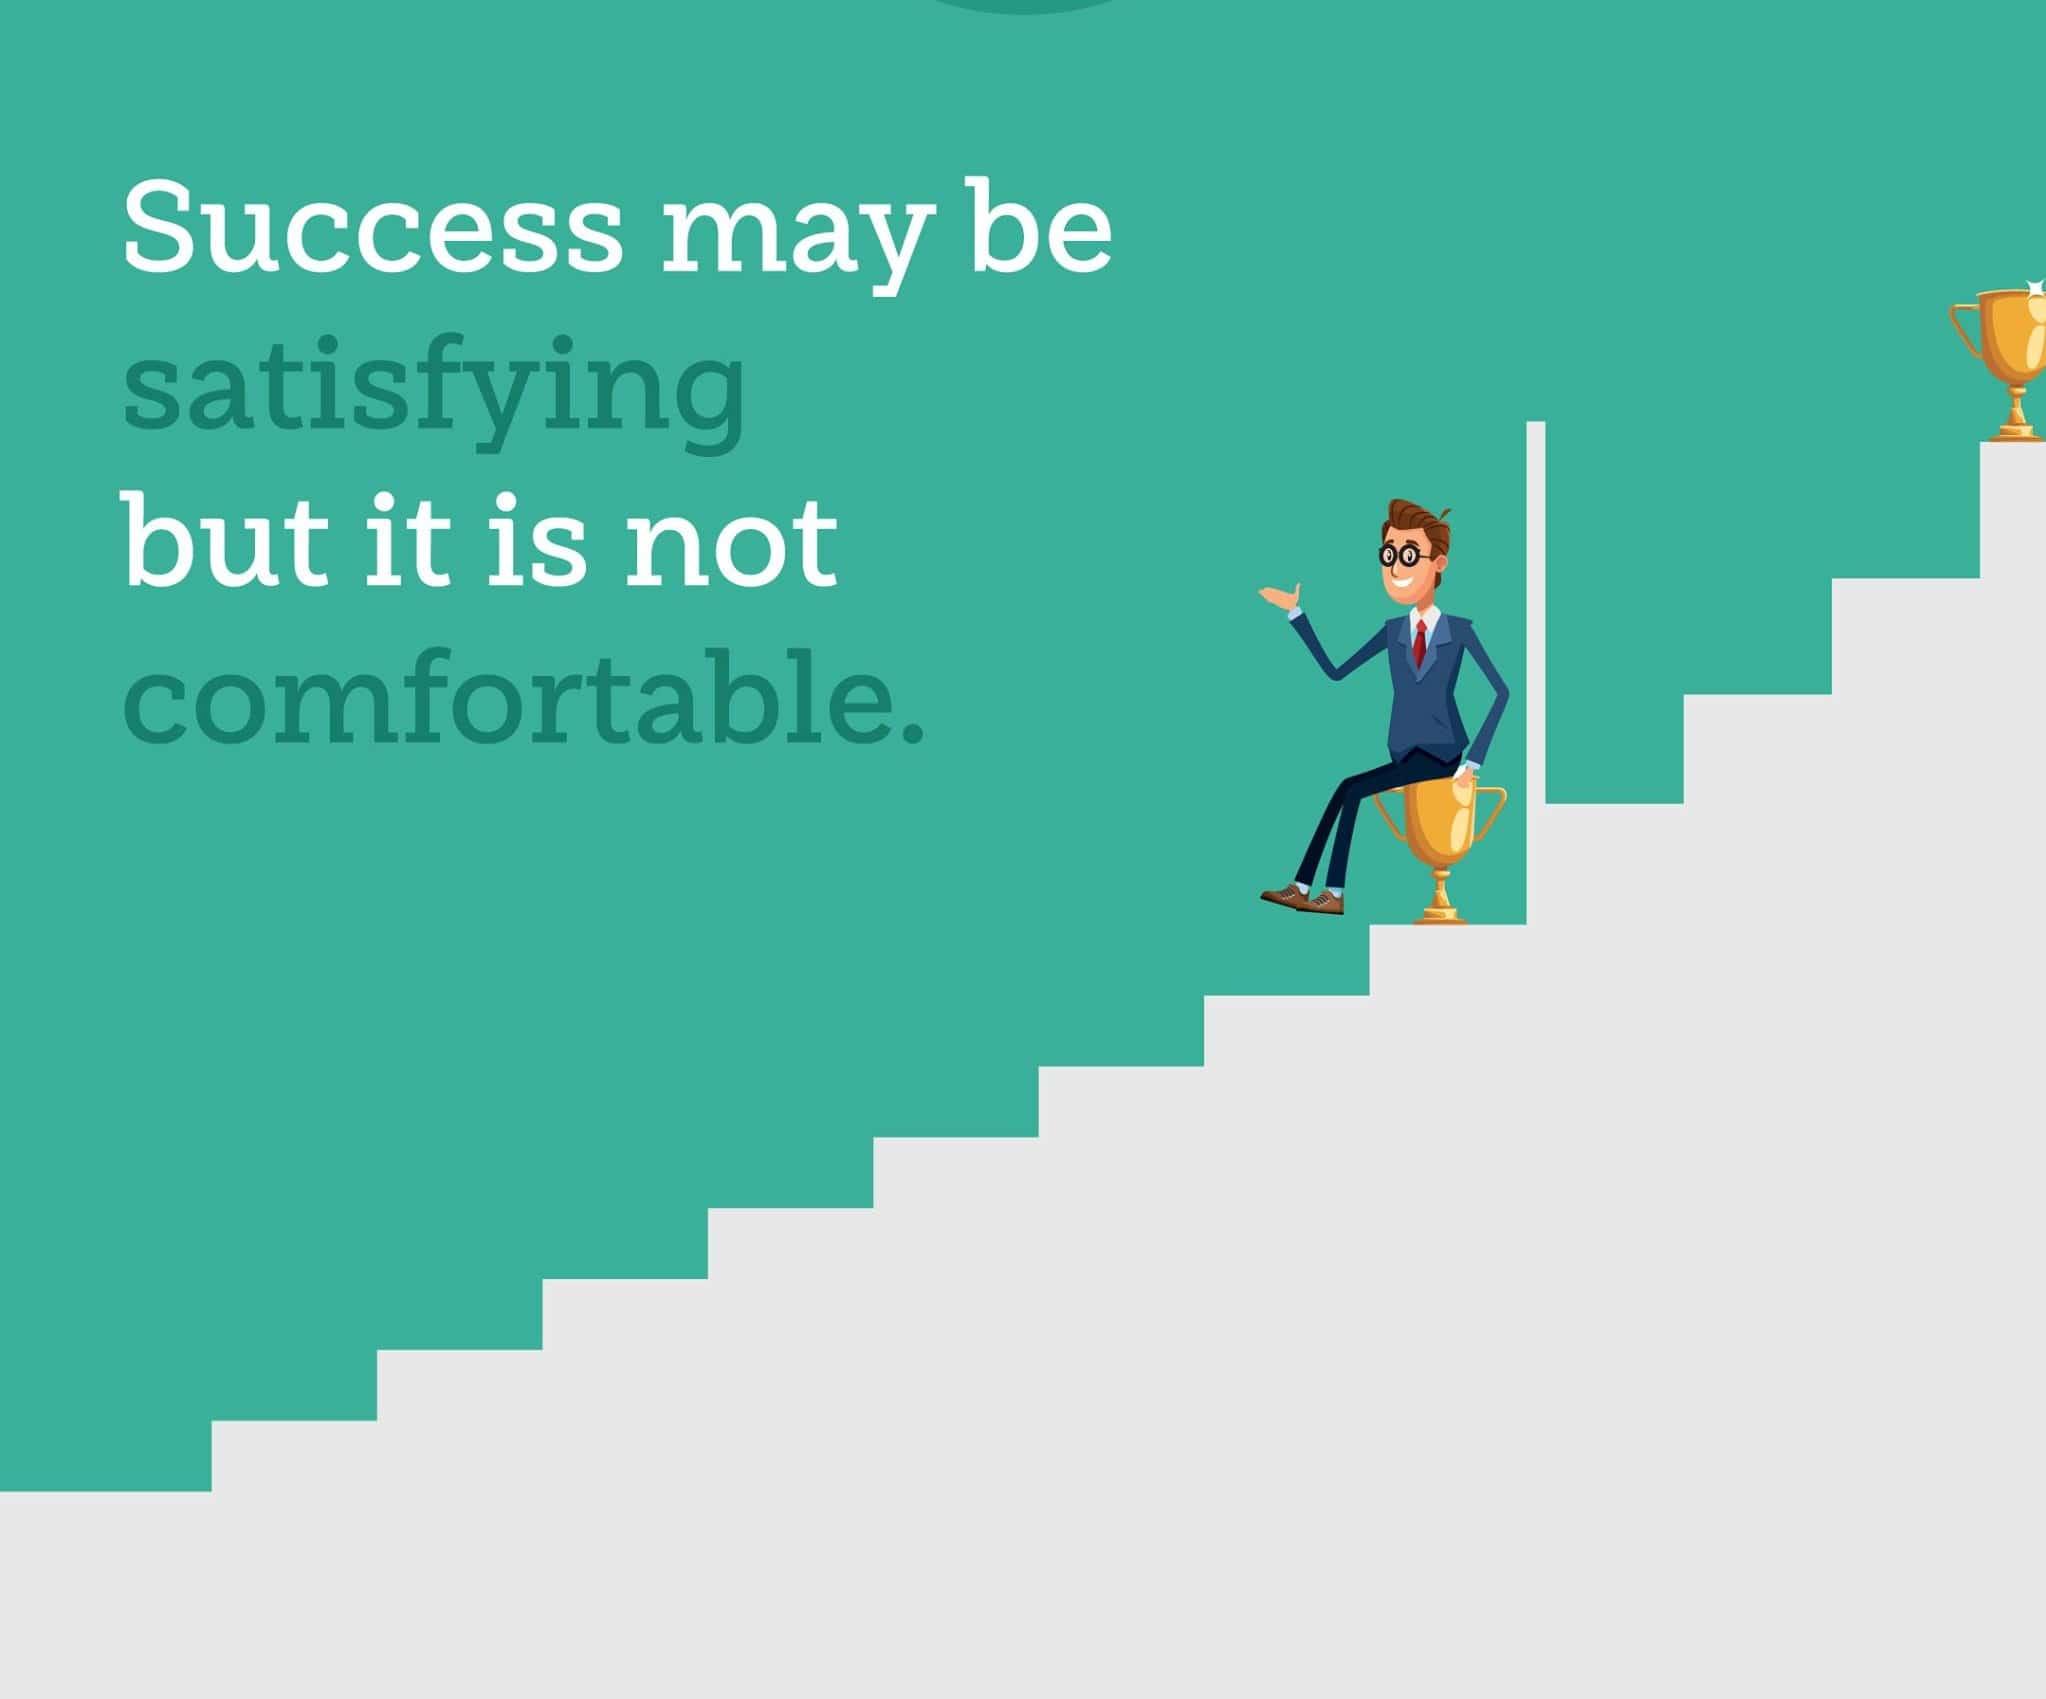 success may be satisfying